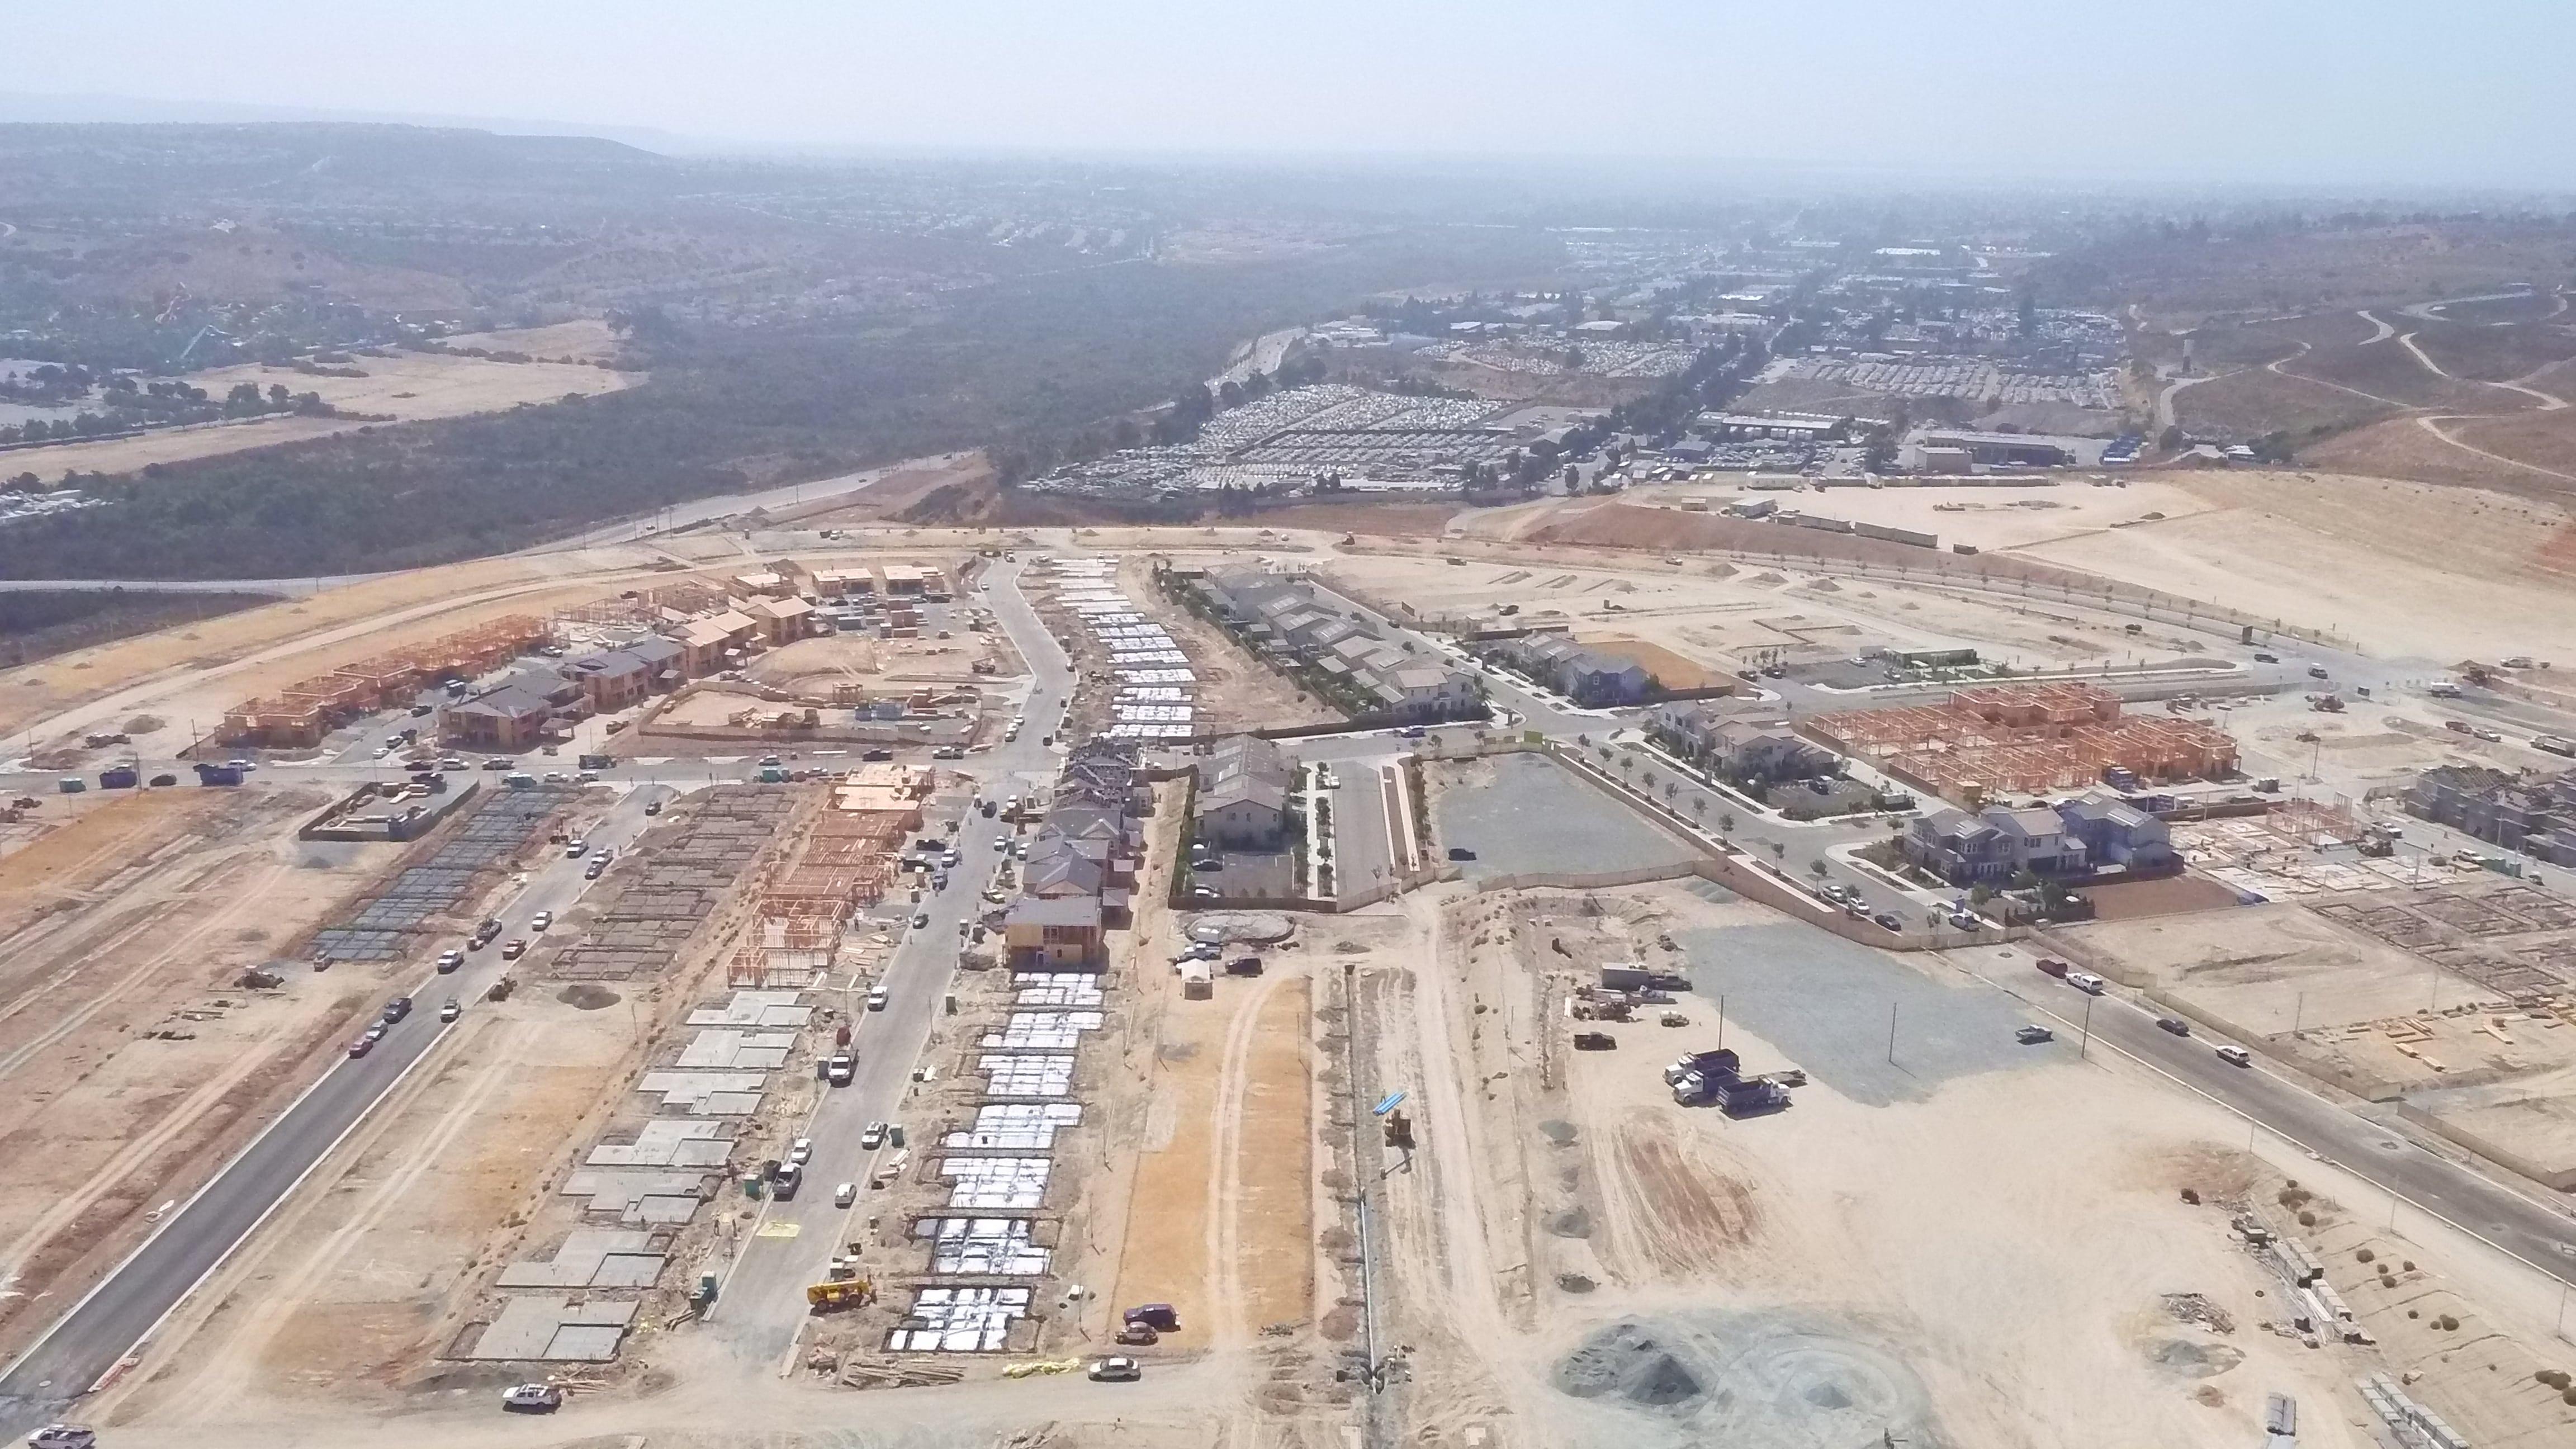 Dự Án EB5 Khu Đô Thị Escaya – San Diego – Khai Trương Chào Bán Nhà